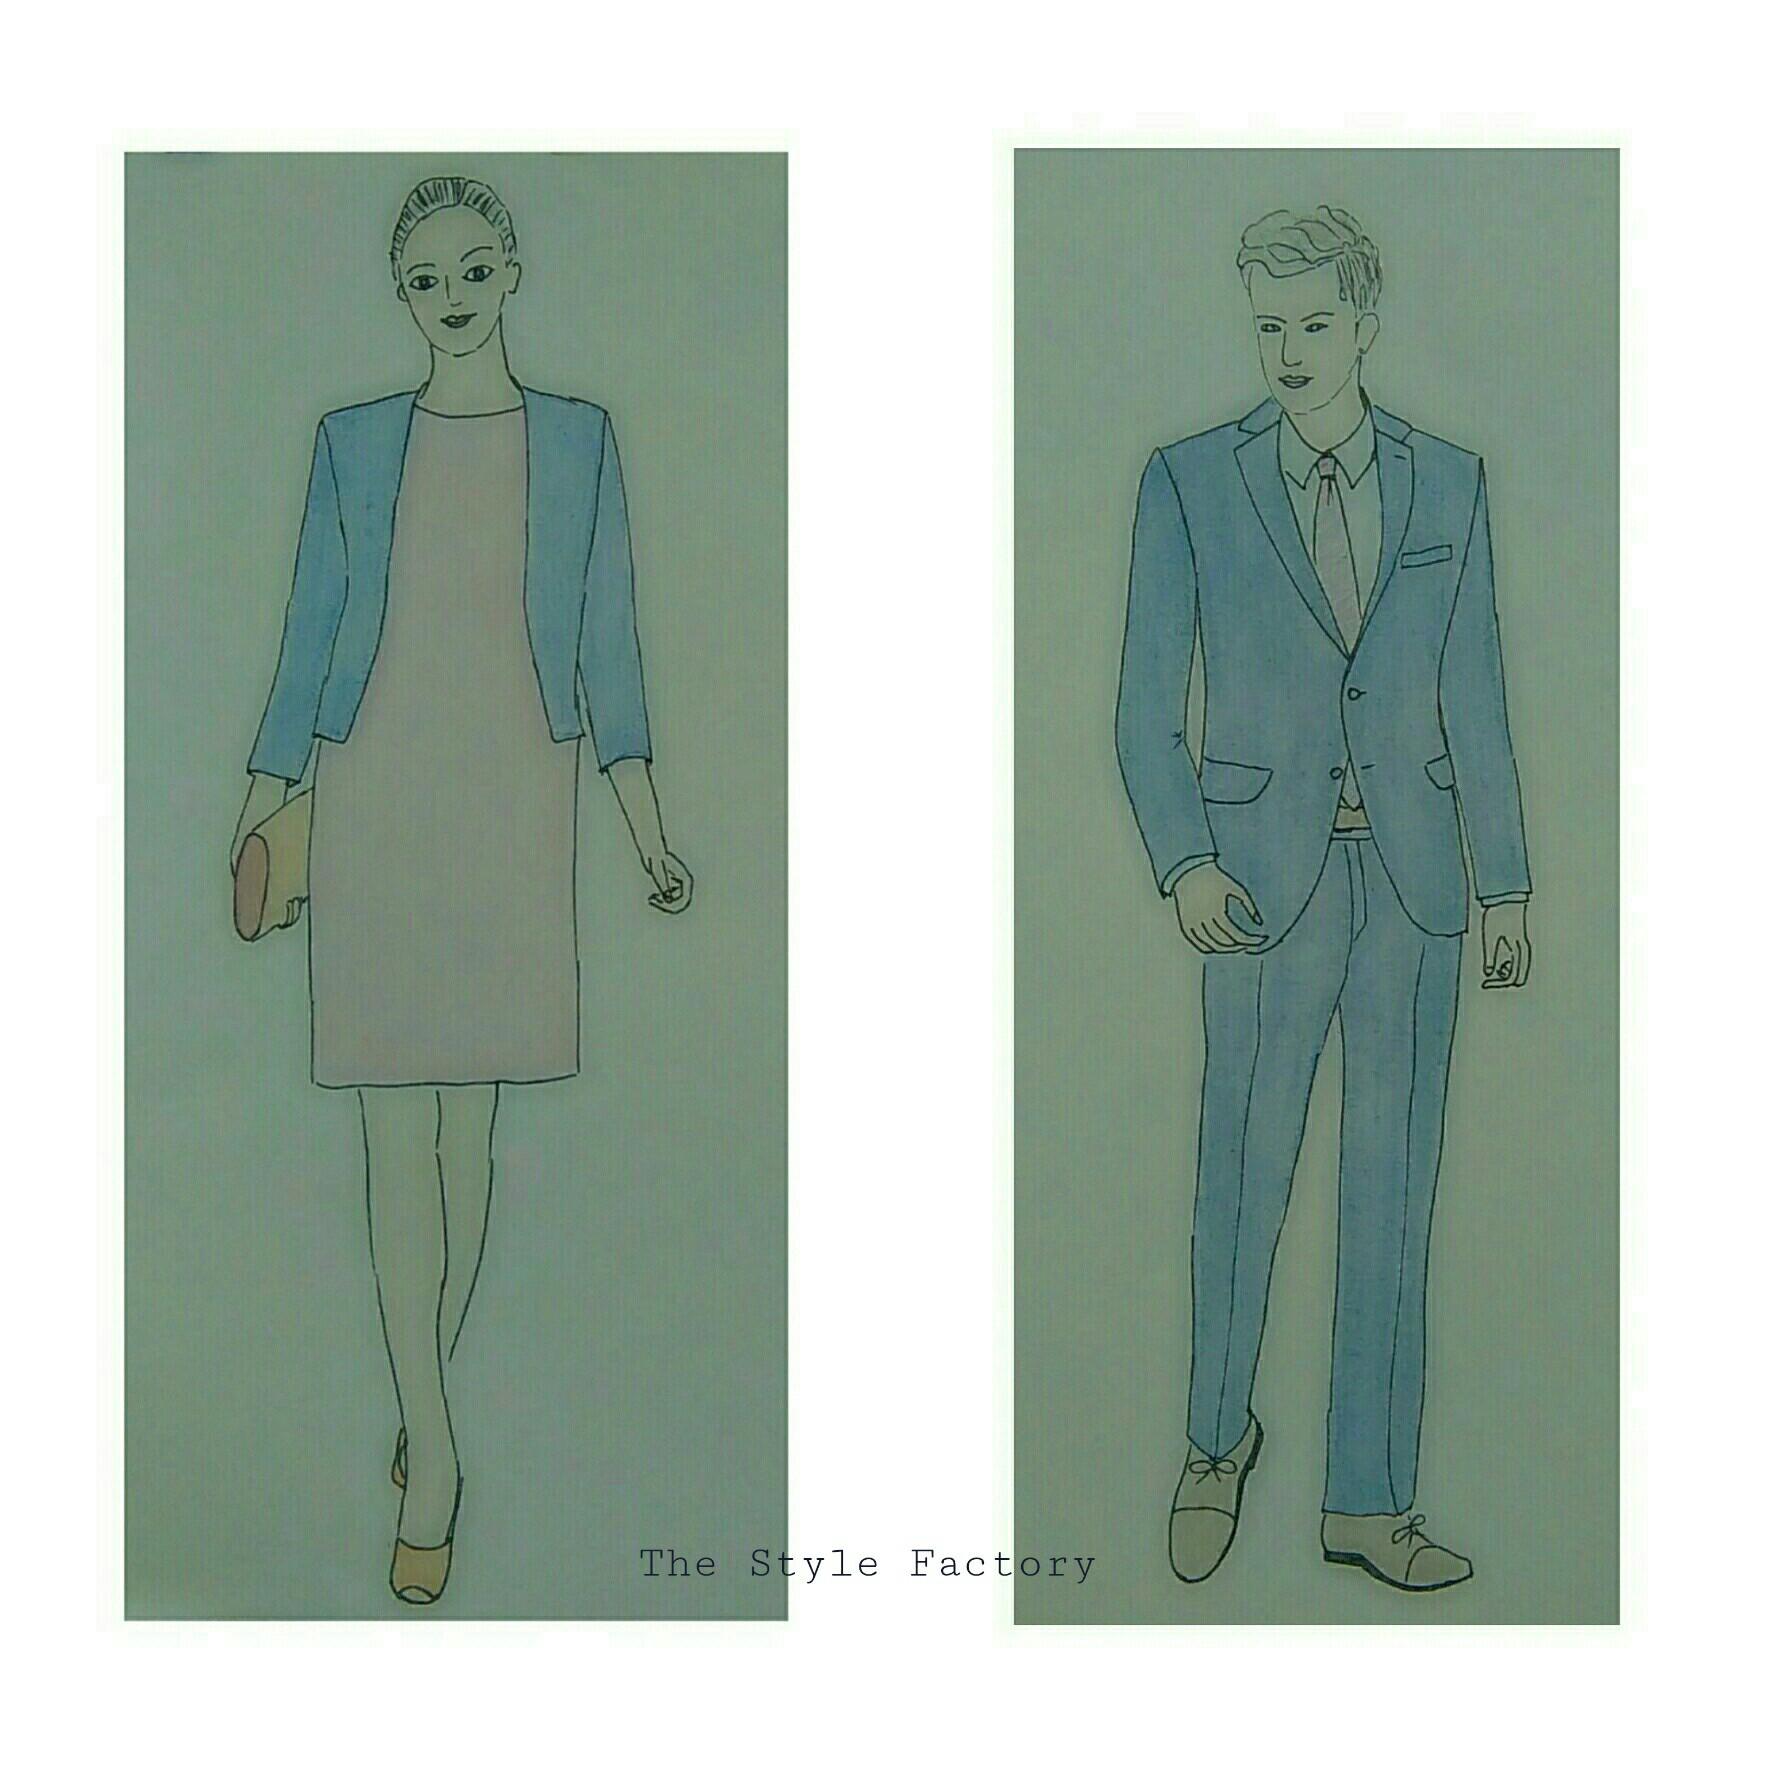 e2d51cded9054 Jak się ubrać na Pierwszą Komunię - strój dla rodziców i dla gości - The  Style Factory